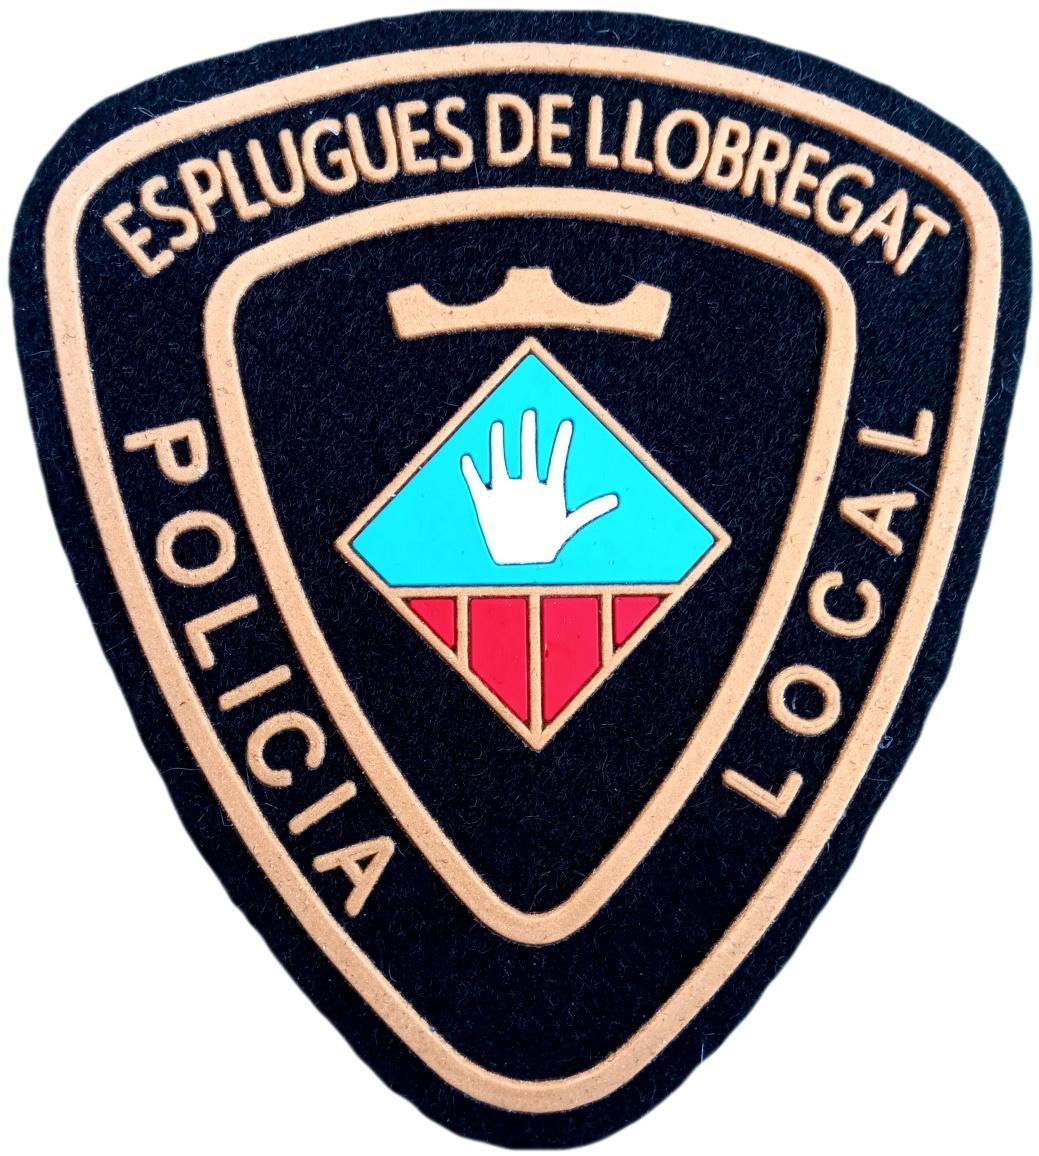 POLICÍA LOCAL ESPLUGUES DE LLOBREGAT PARCHE INSIGNIA EMBLEMA DISTINTIVO